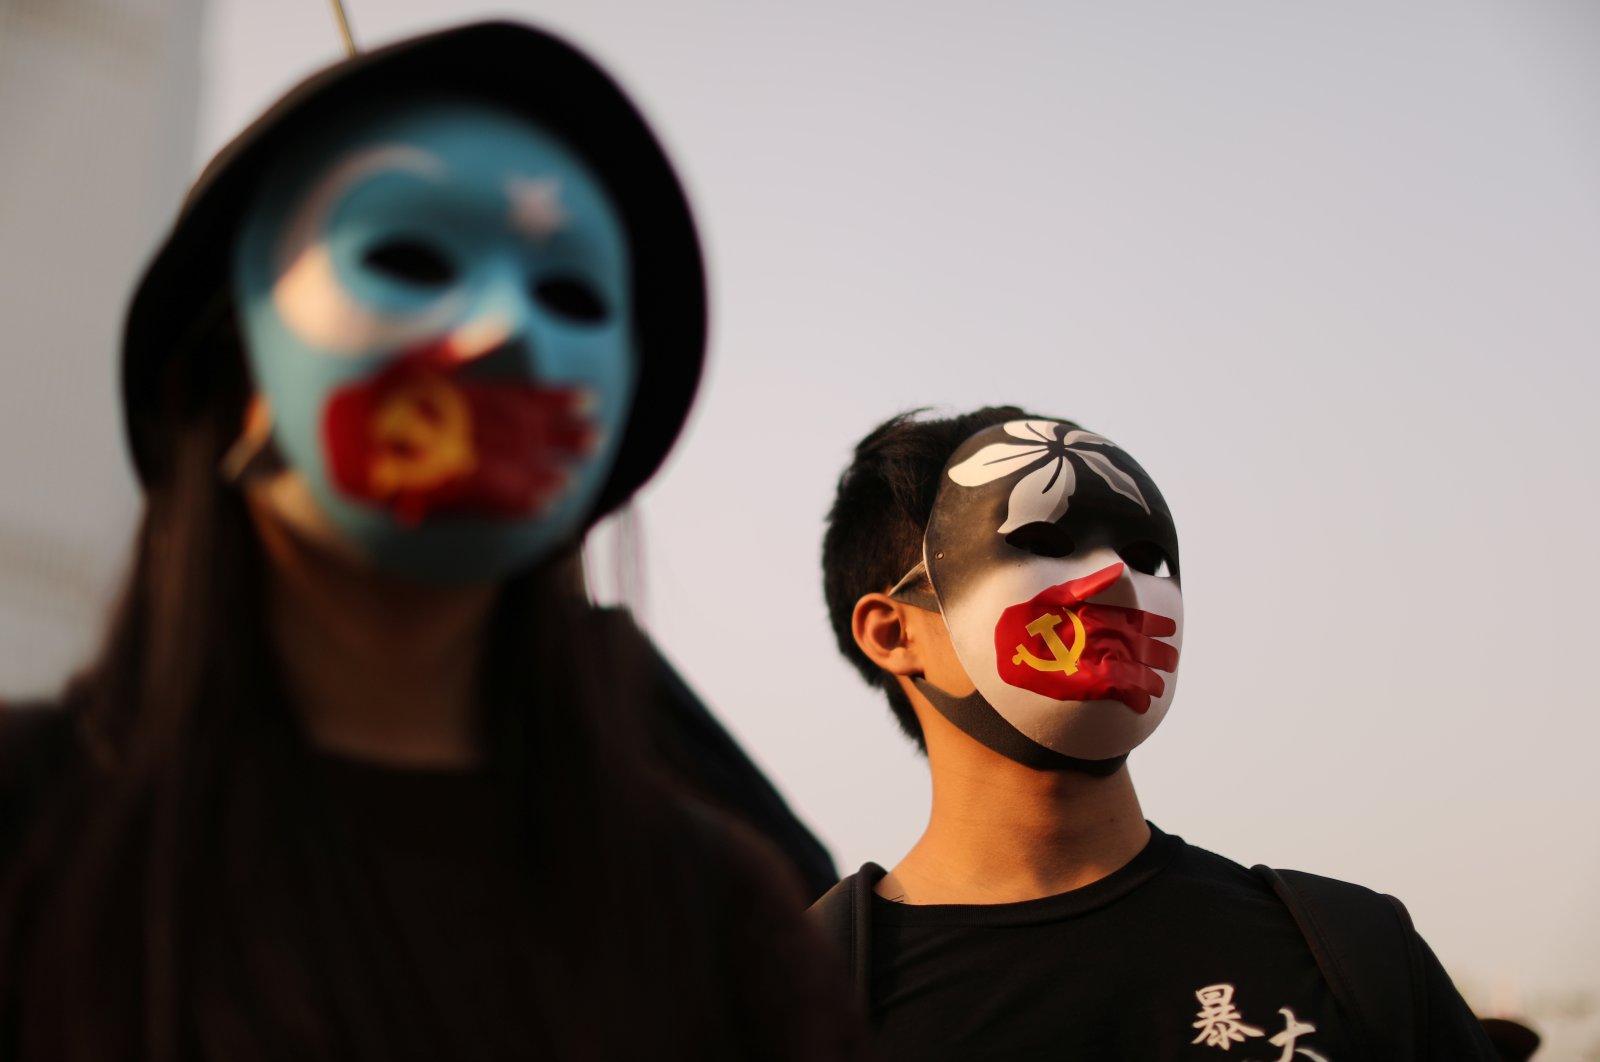 Hong Kong protesters rally in support of Xinjiang Uighurs' human rights in Hong Kong, China, Dec., 22, 2019. (Reuters Photo)